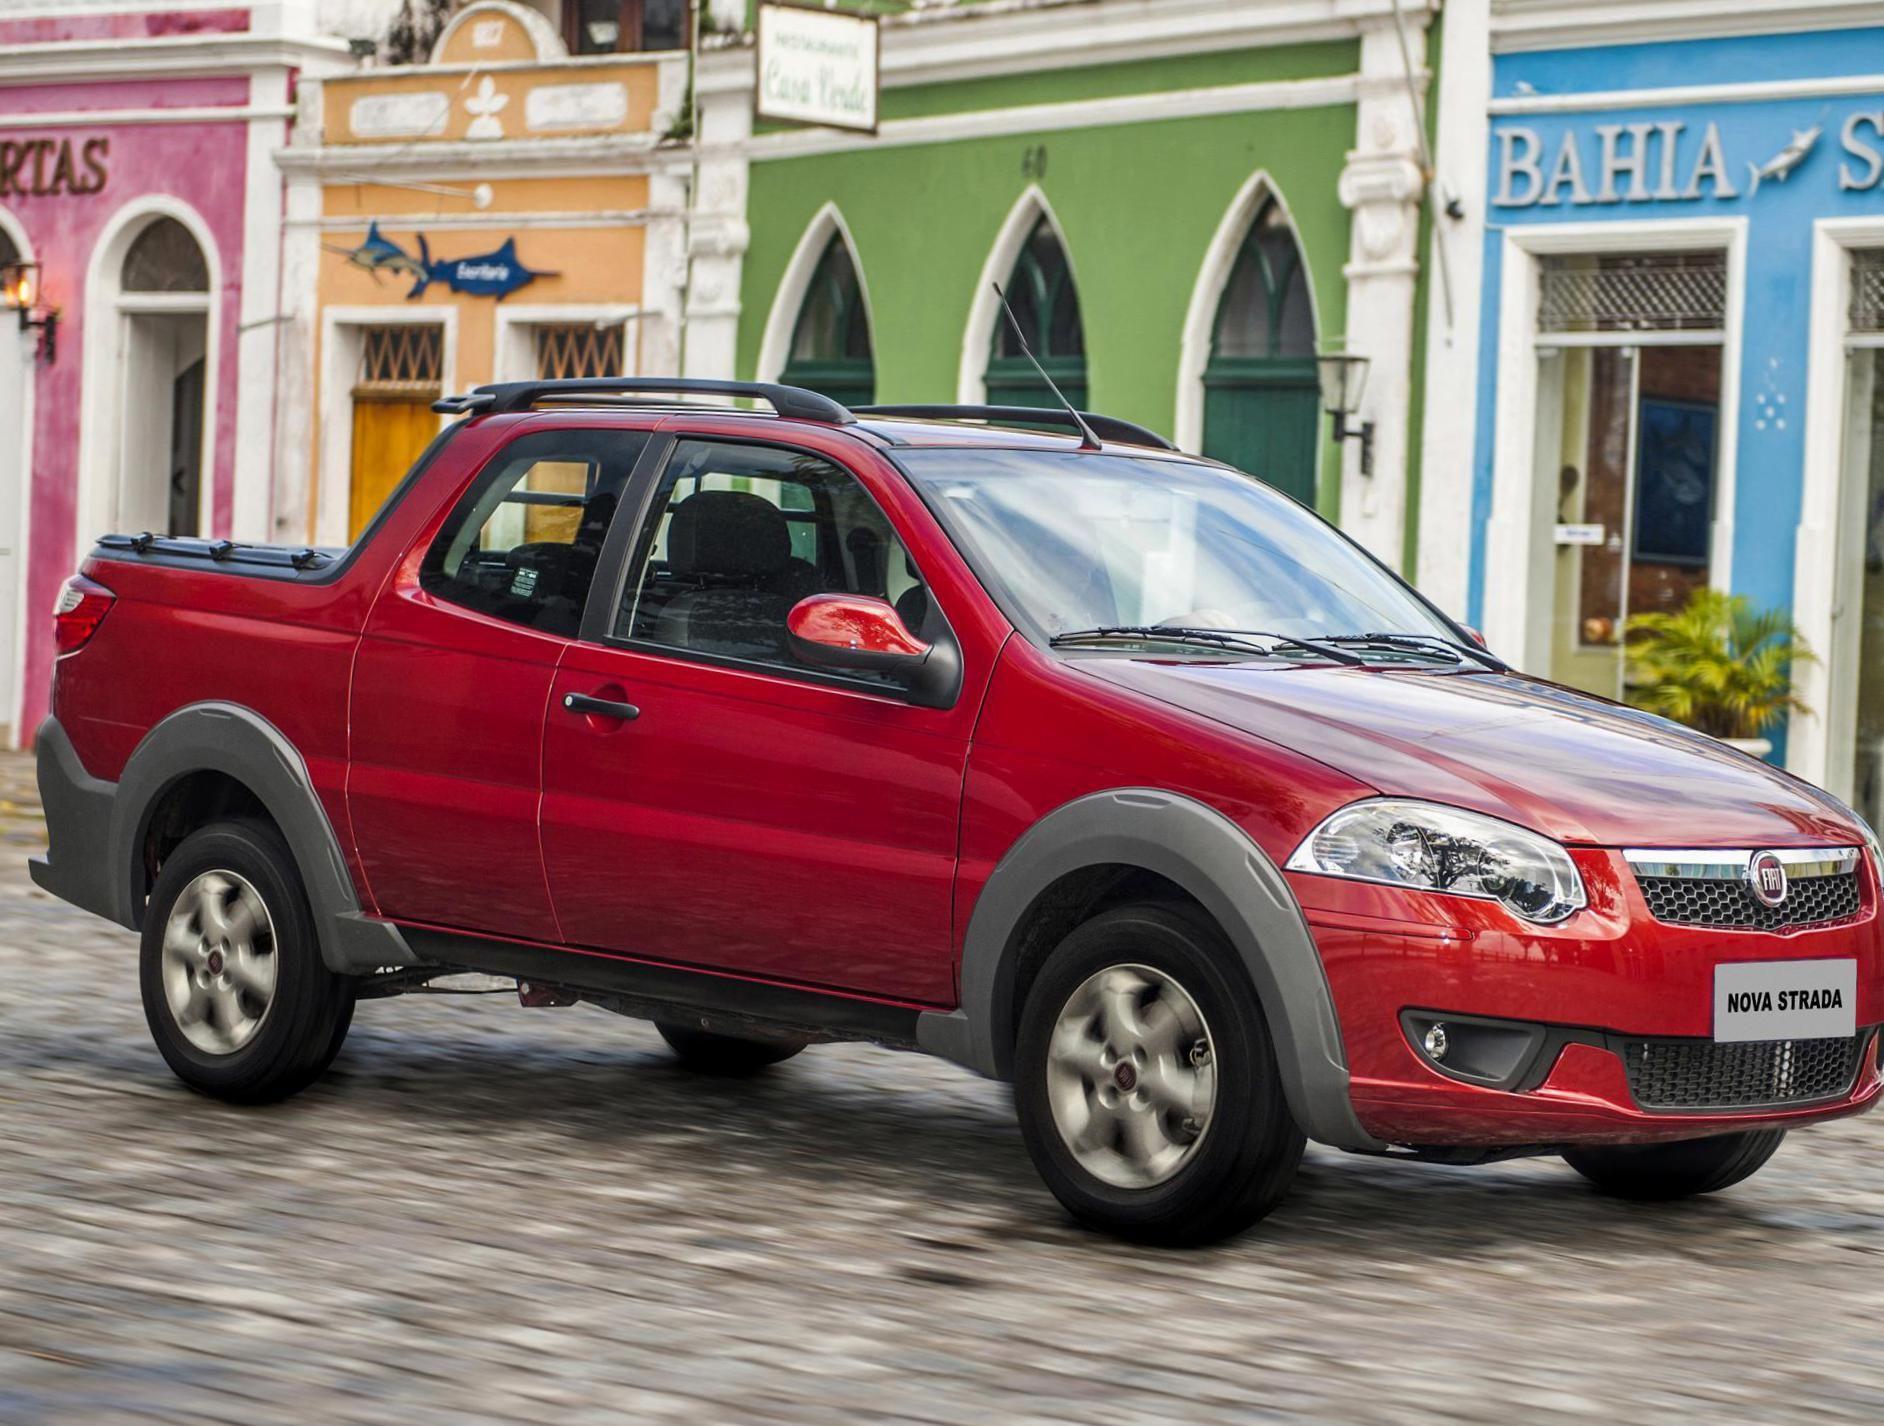 Strada Trekking CD Fiat reviews - http://autotras.com